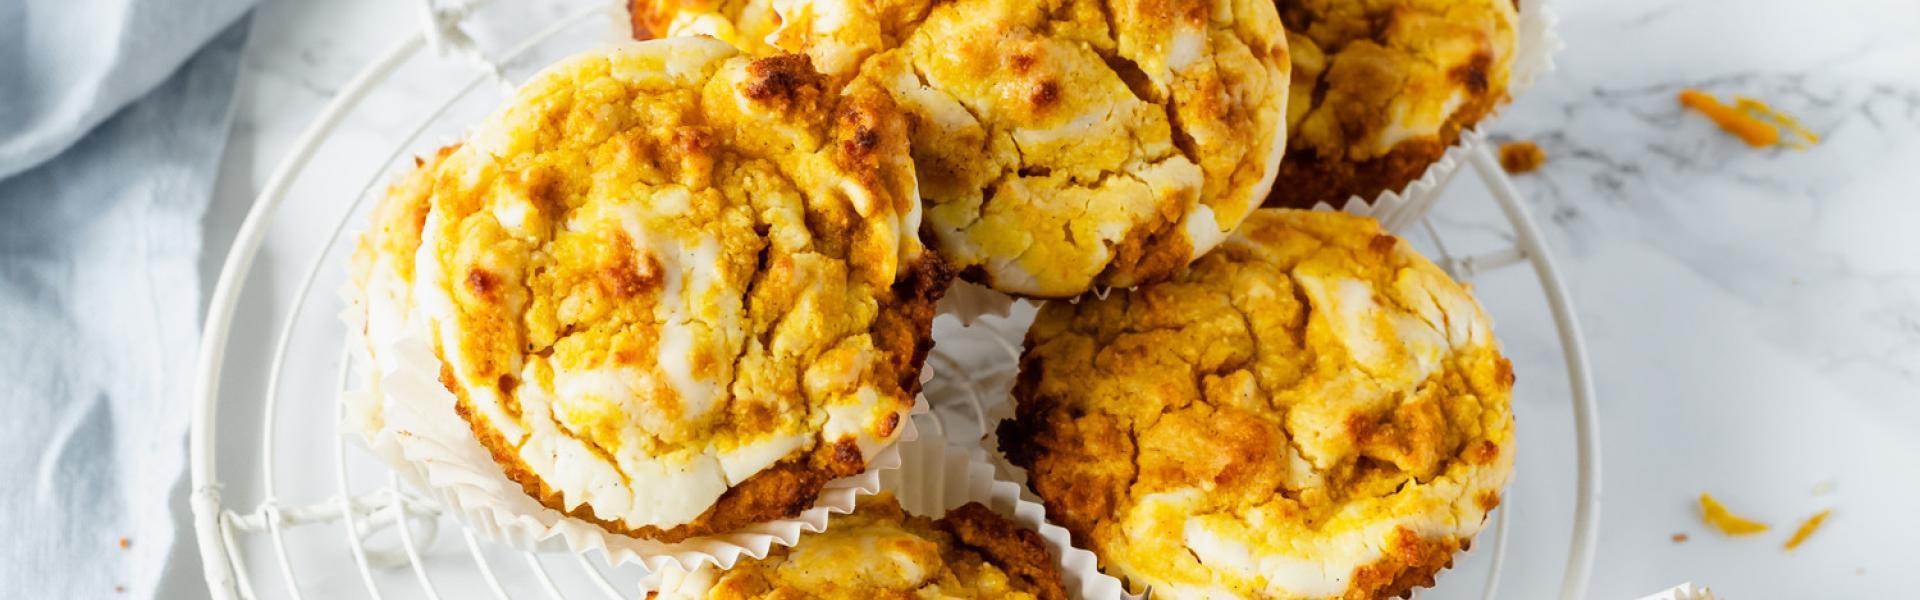 Mehrere Low Carb Kürbismuffins mit Cheesecakeswirl auf einem Tisch.